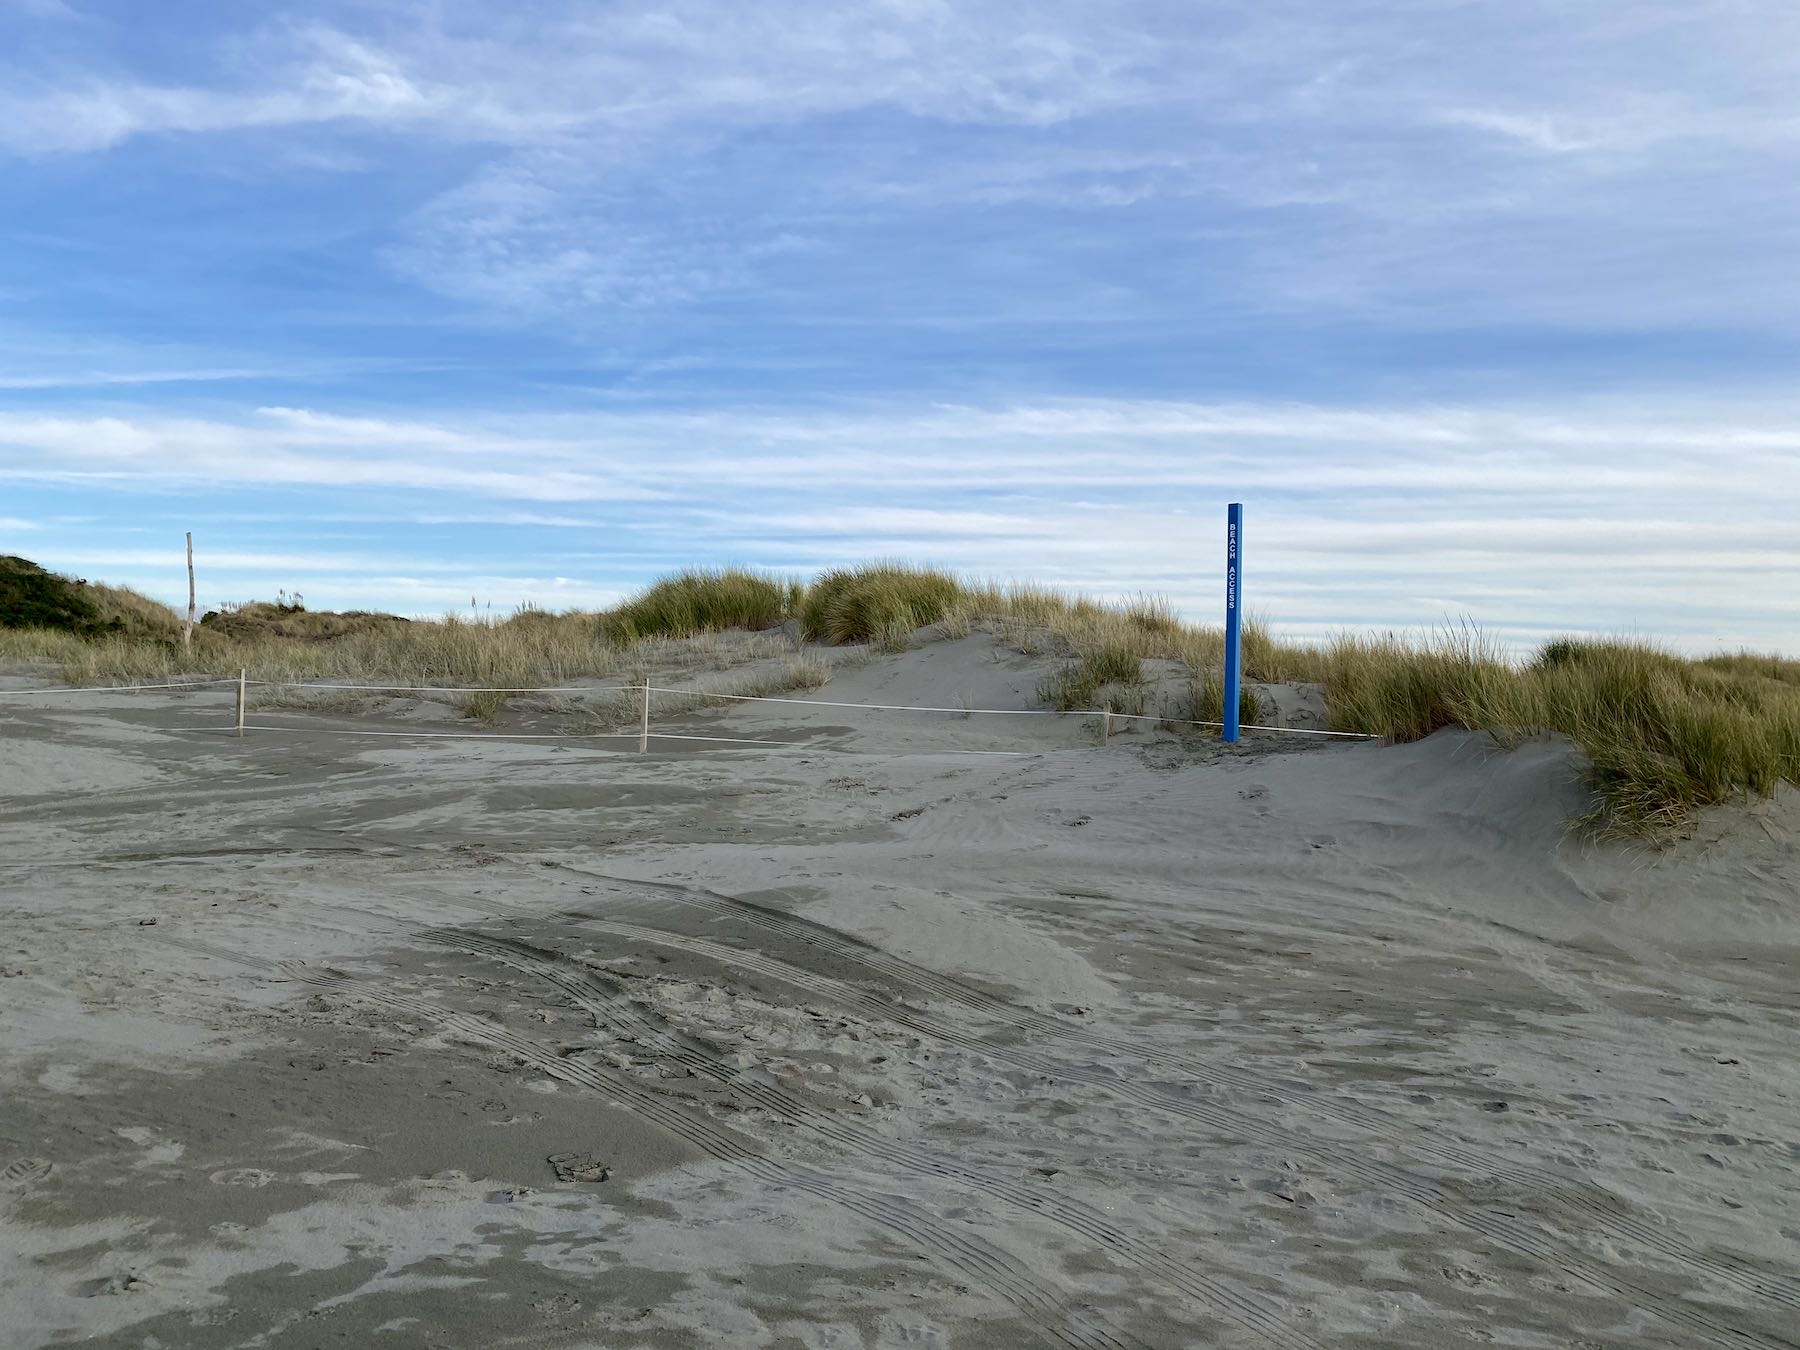 North track, beach end, beach access post.